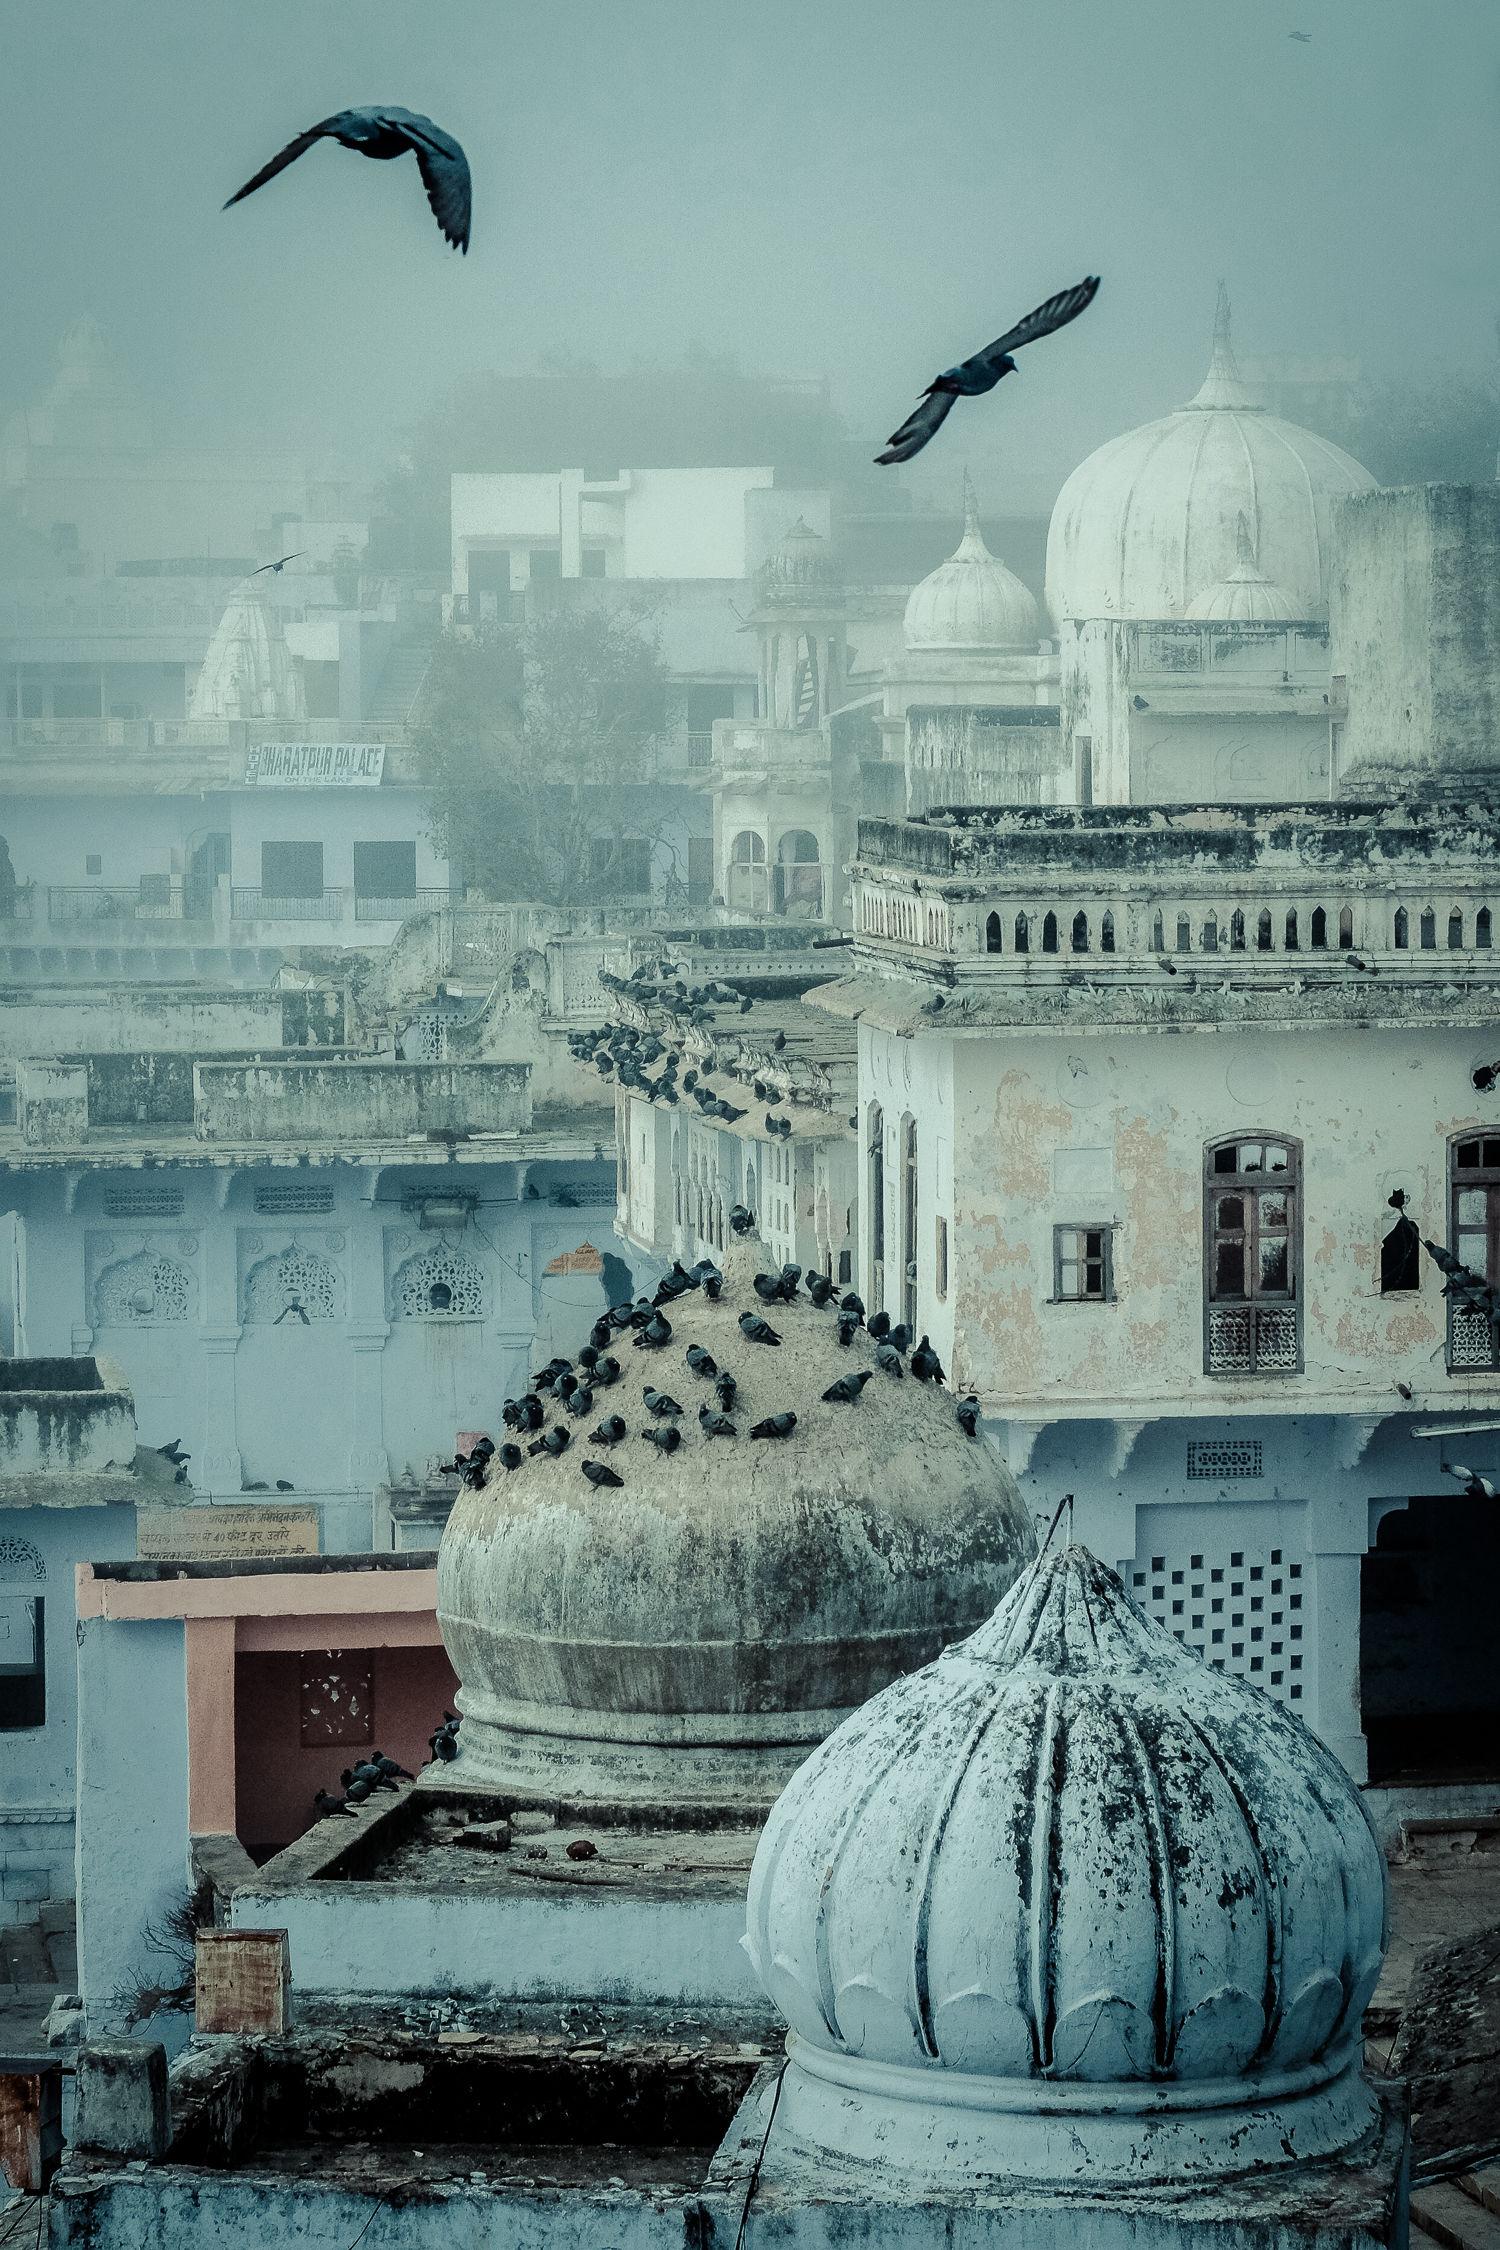 Pushkar skyline